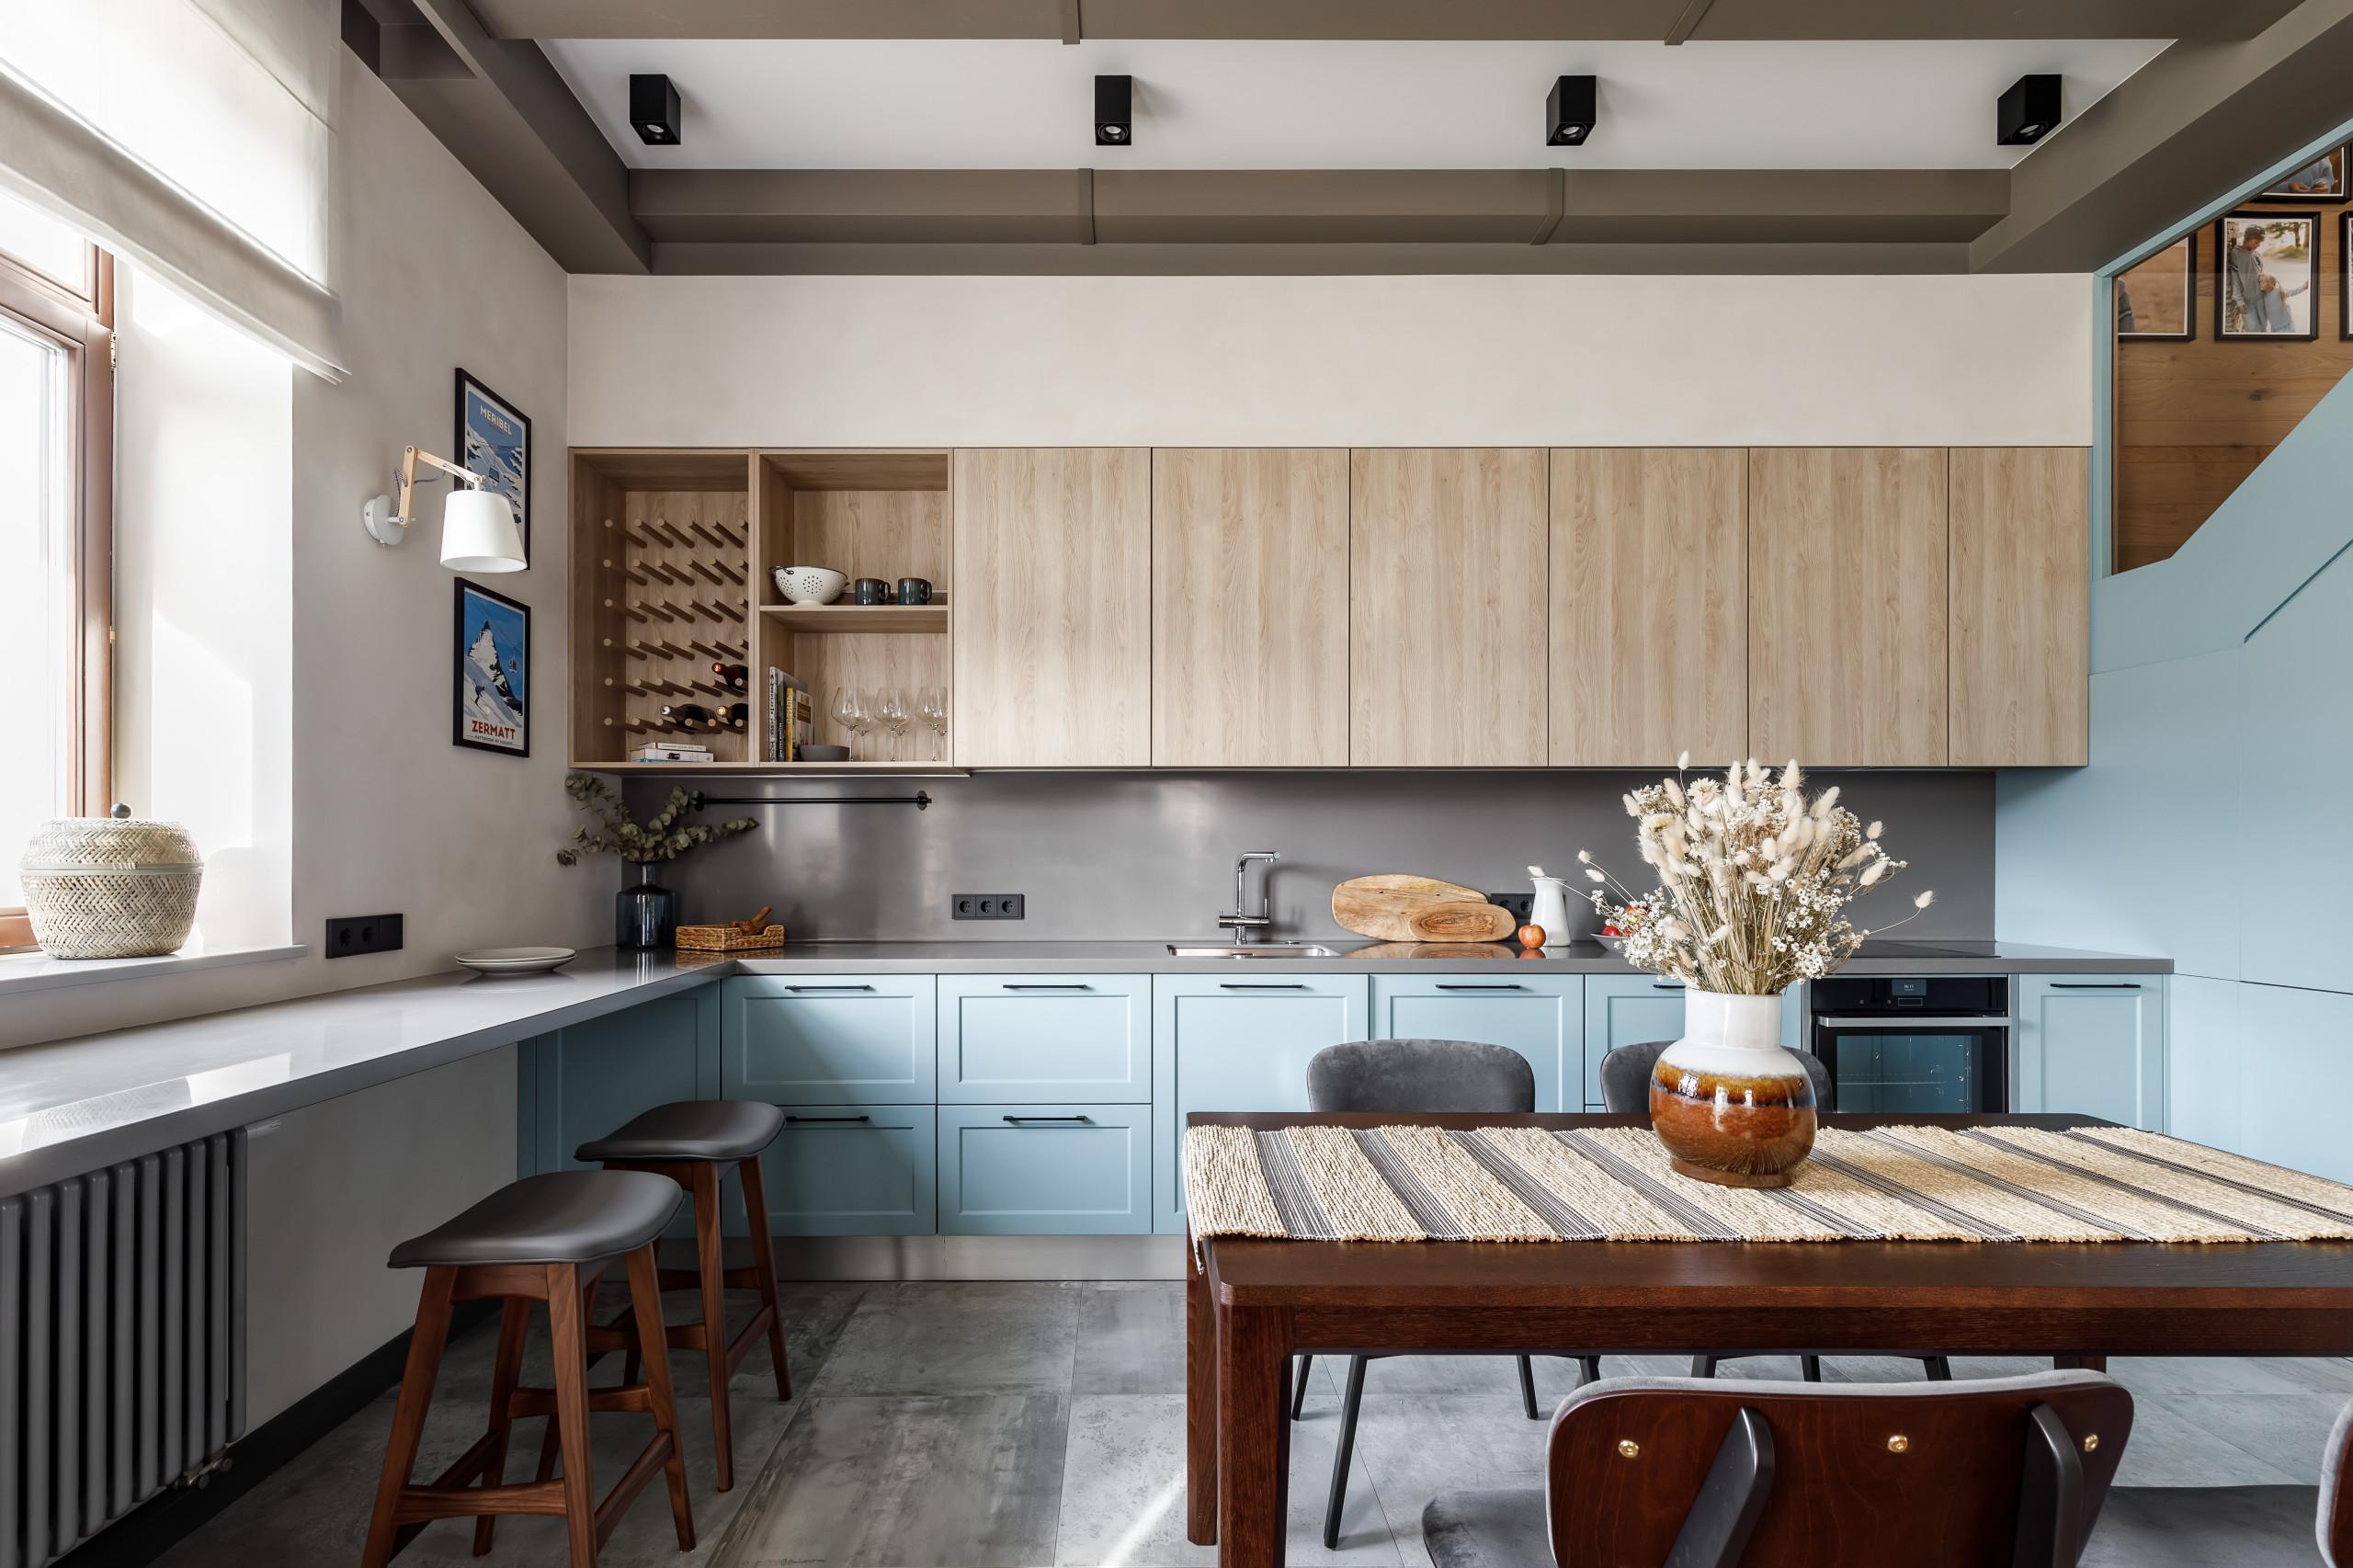 Нижний ярус: 11 советов по организации кухонных шкафов